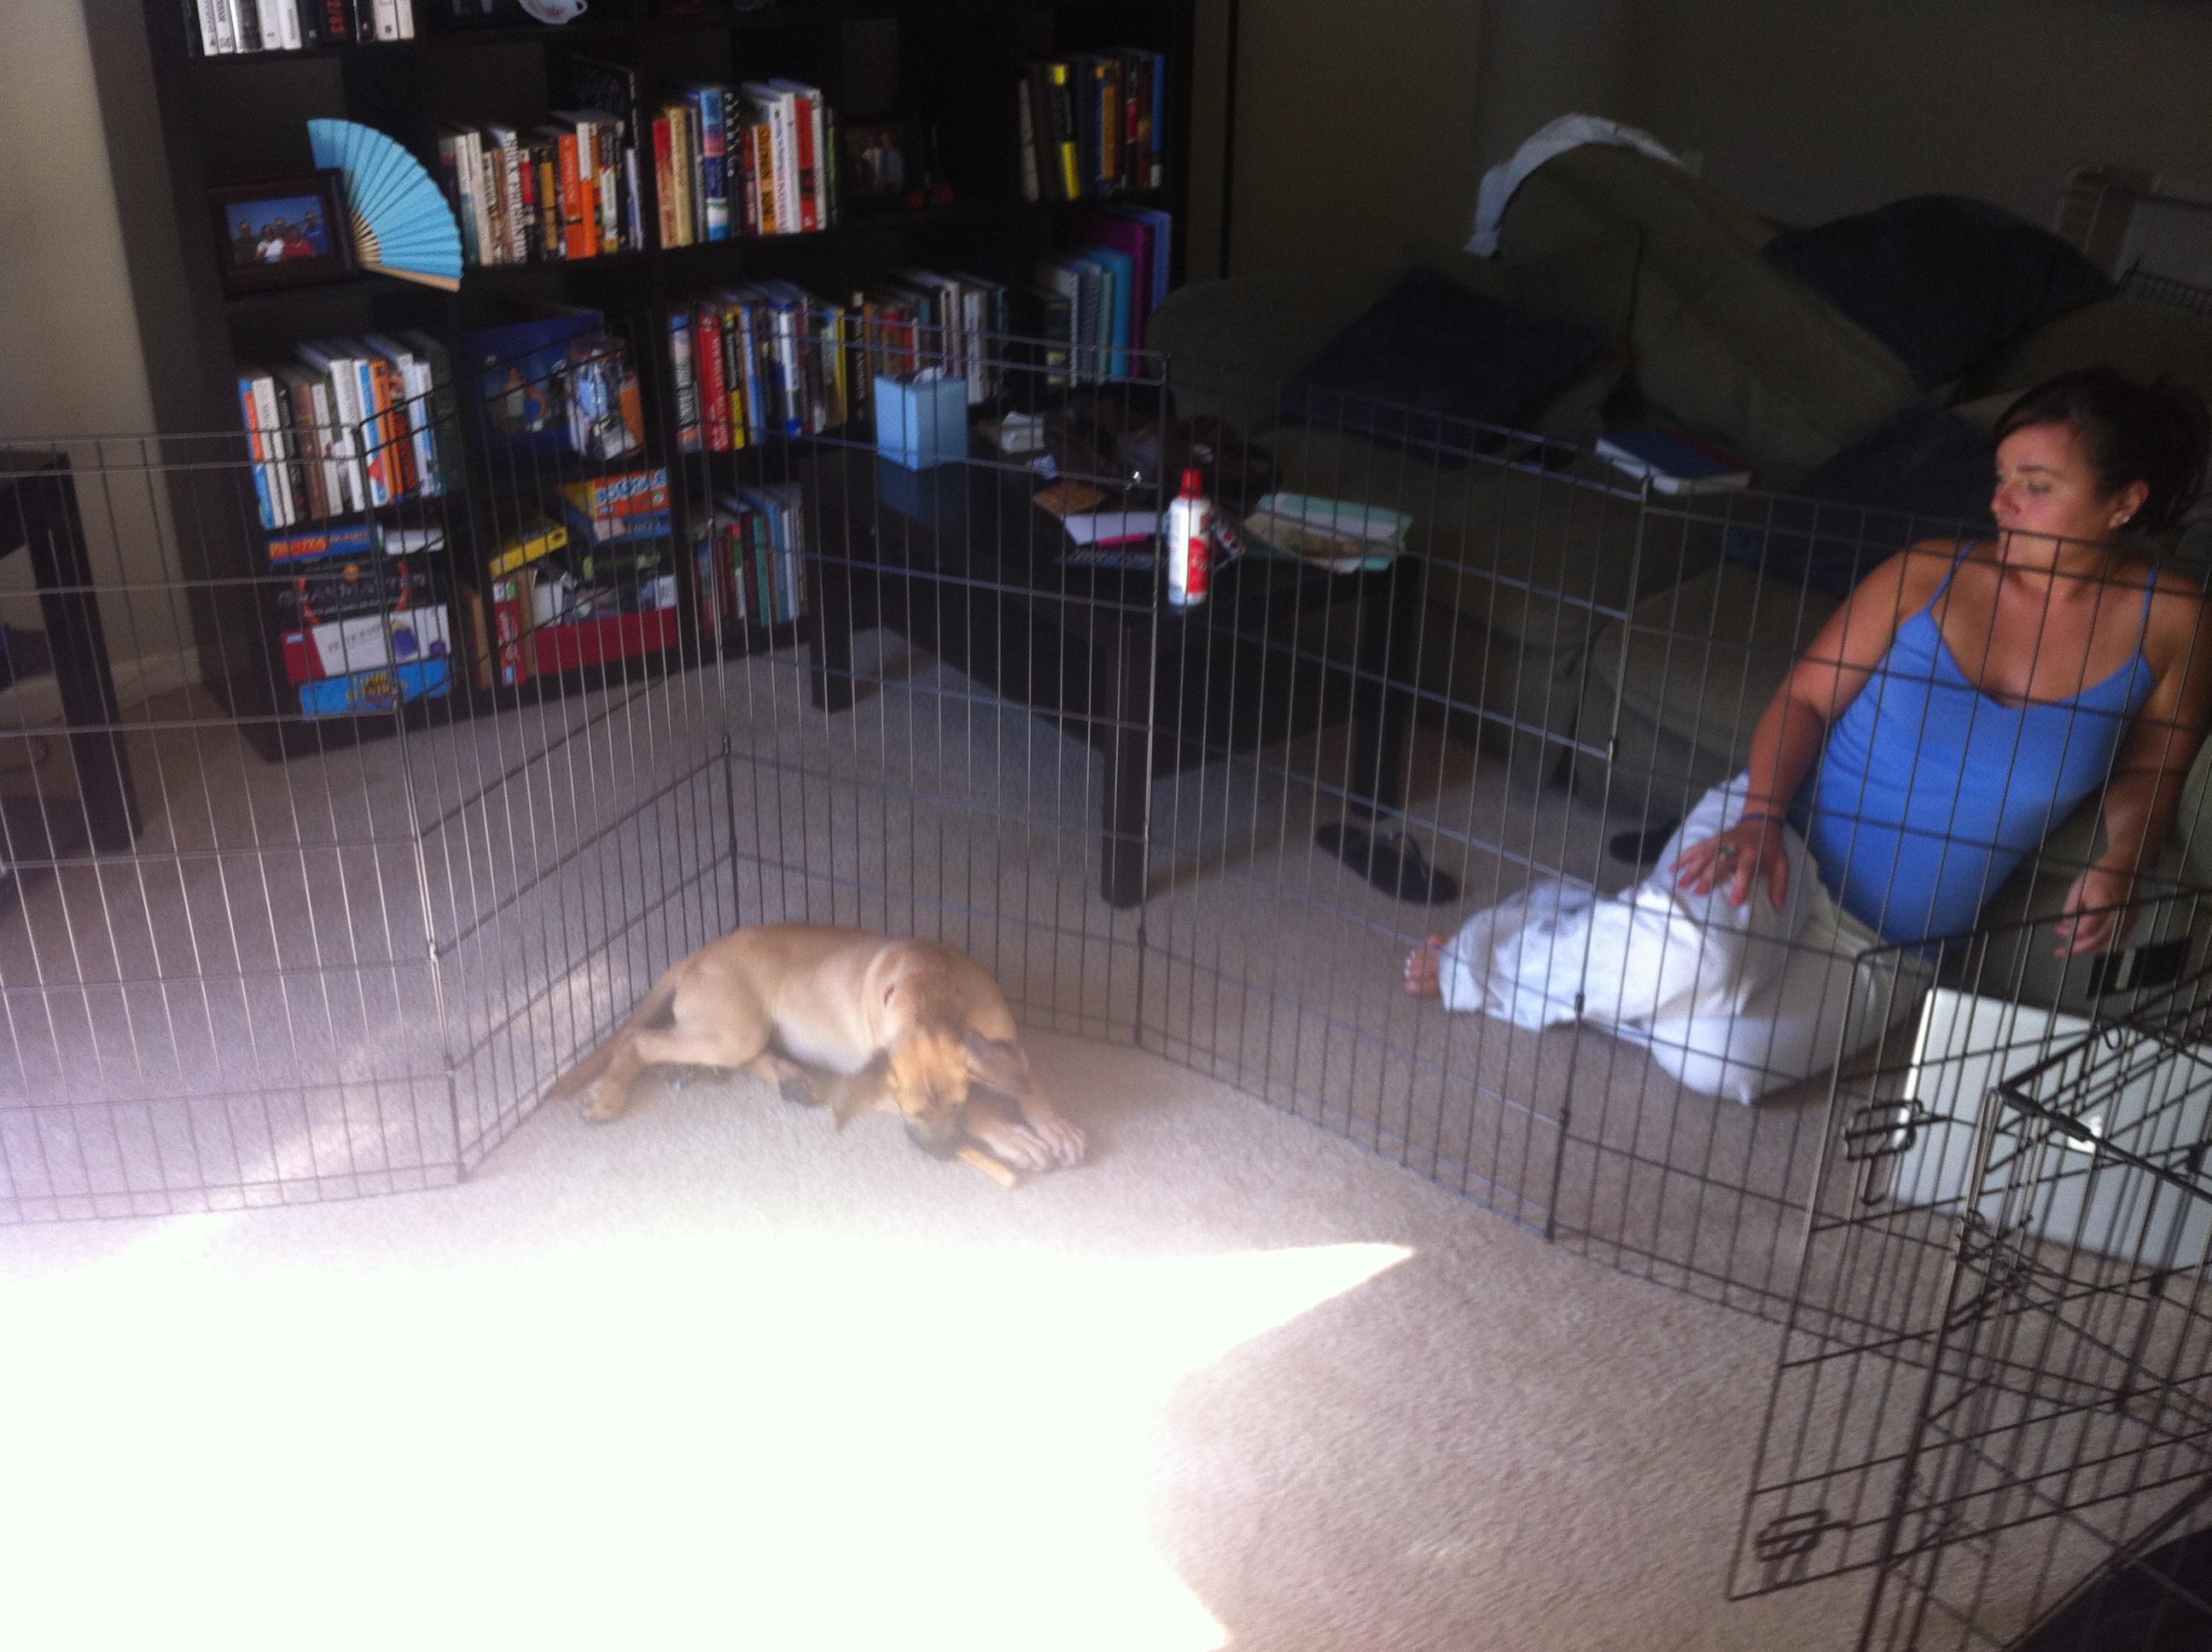 dog shenanigans willblogforfooddotcom page 2. Black Bedroom Furniture Sets. Home Design Ideas